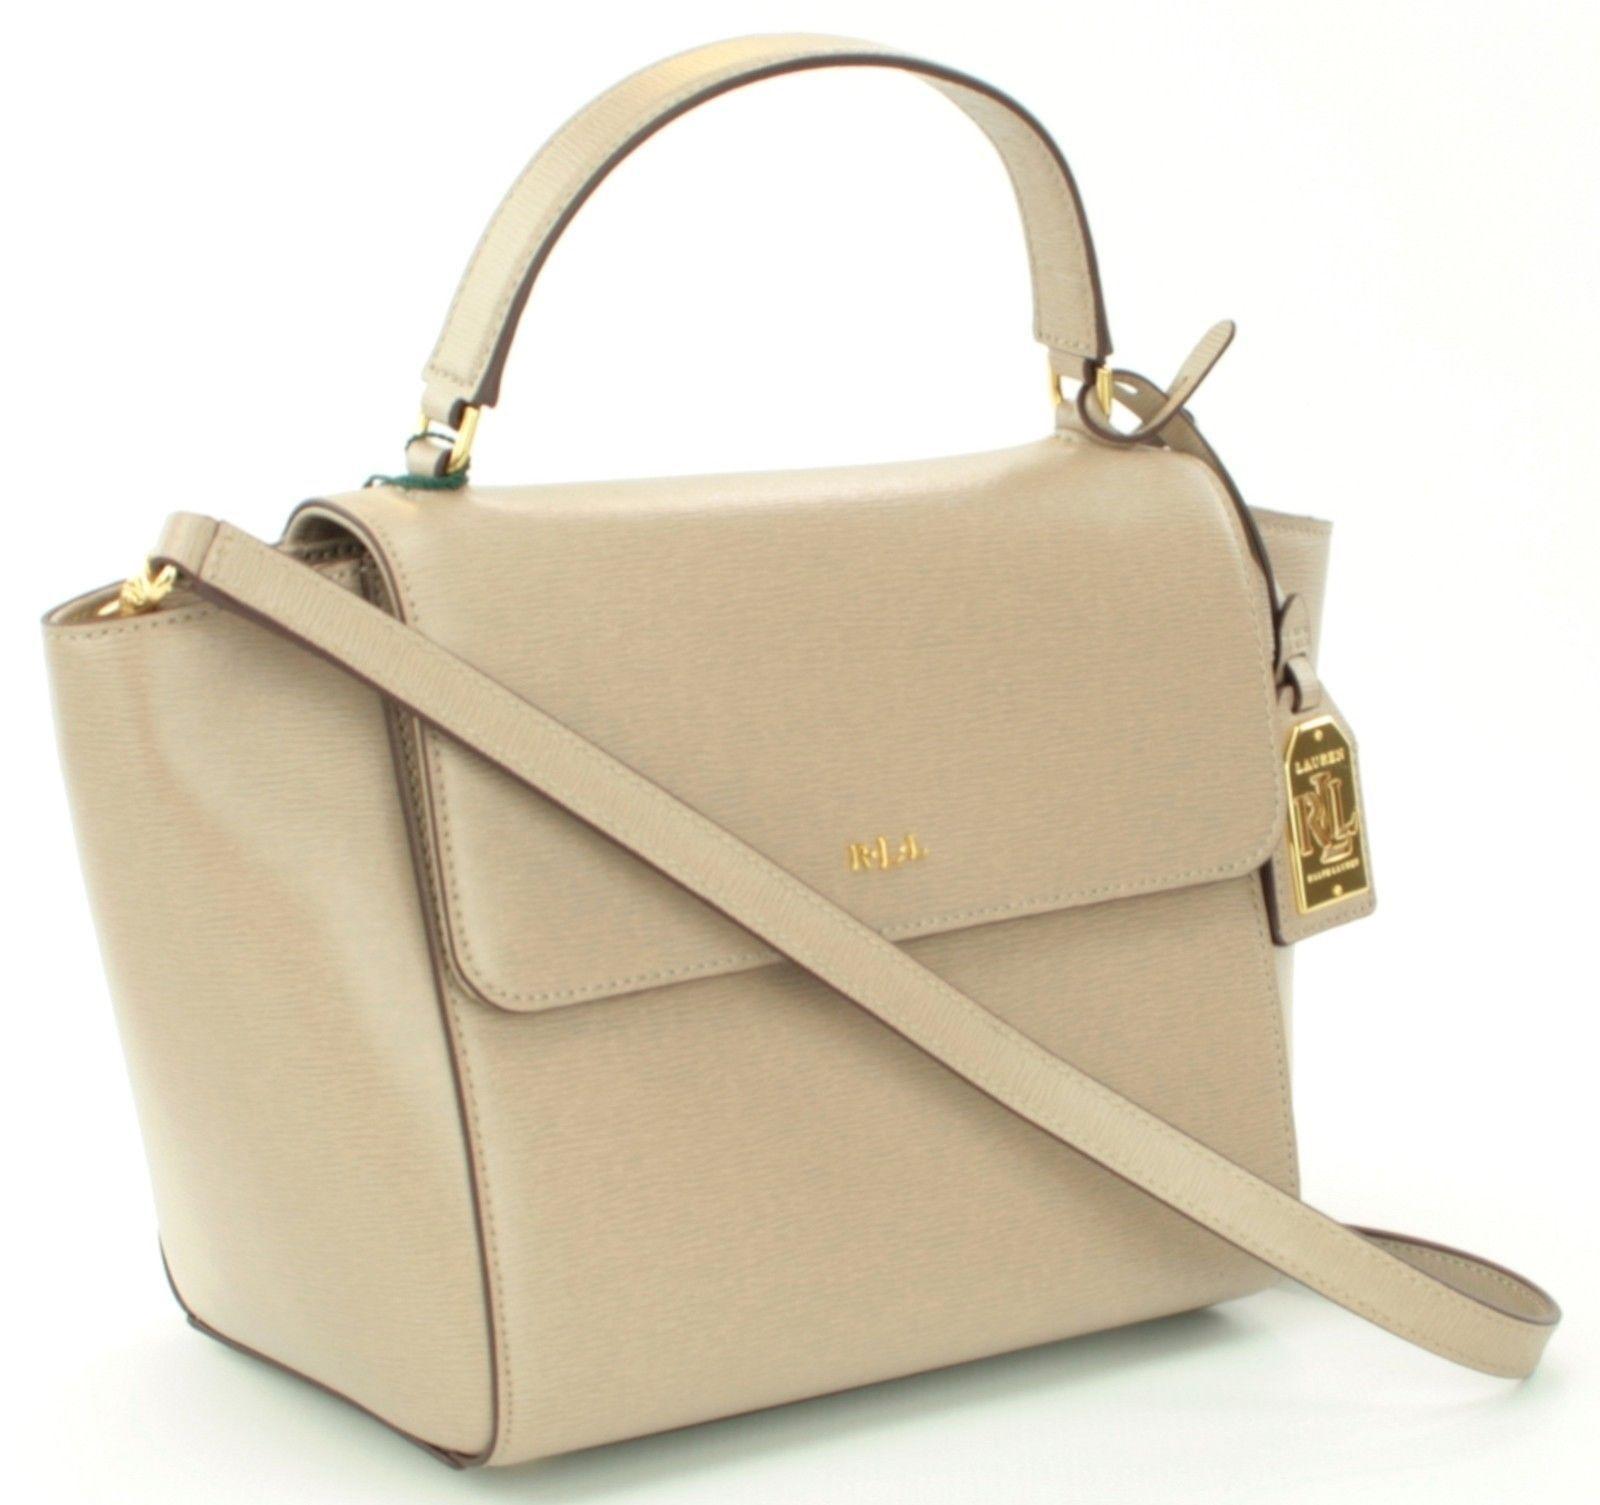 6a2cc37fd Ralph Lauren Barclay Tote Shoulder Bag Crossbody Handbag Beige RRP £215